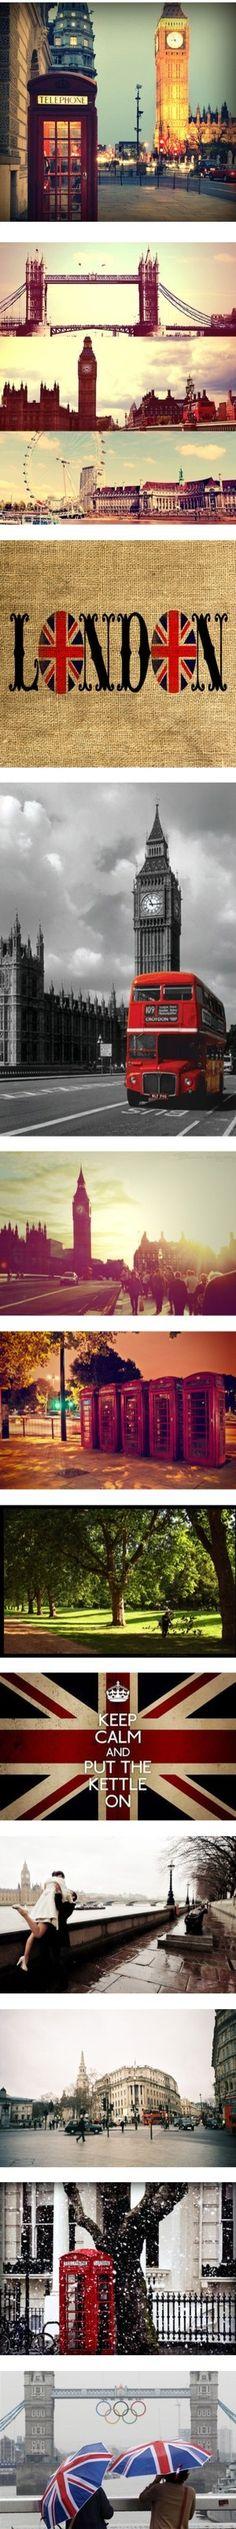 London. by Prue McKettary